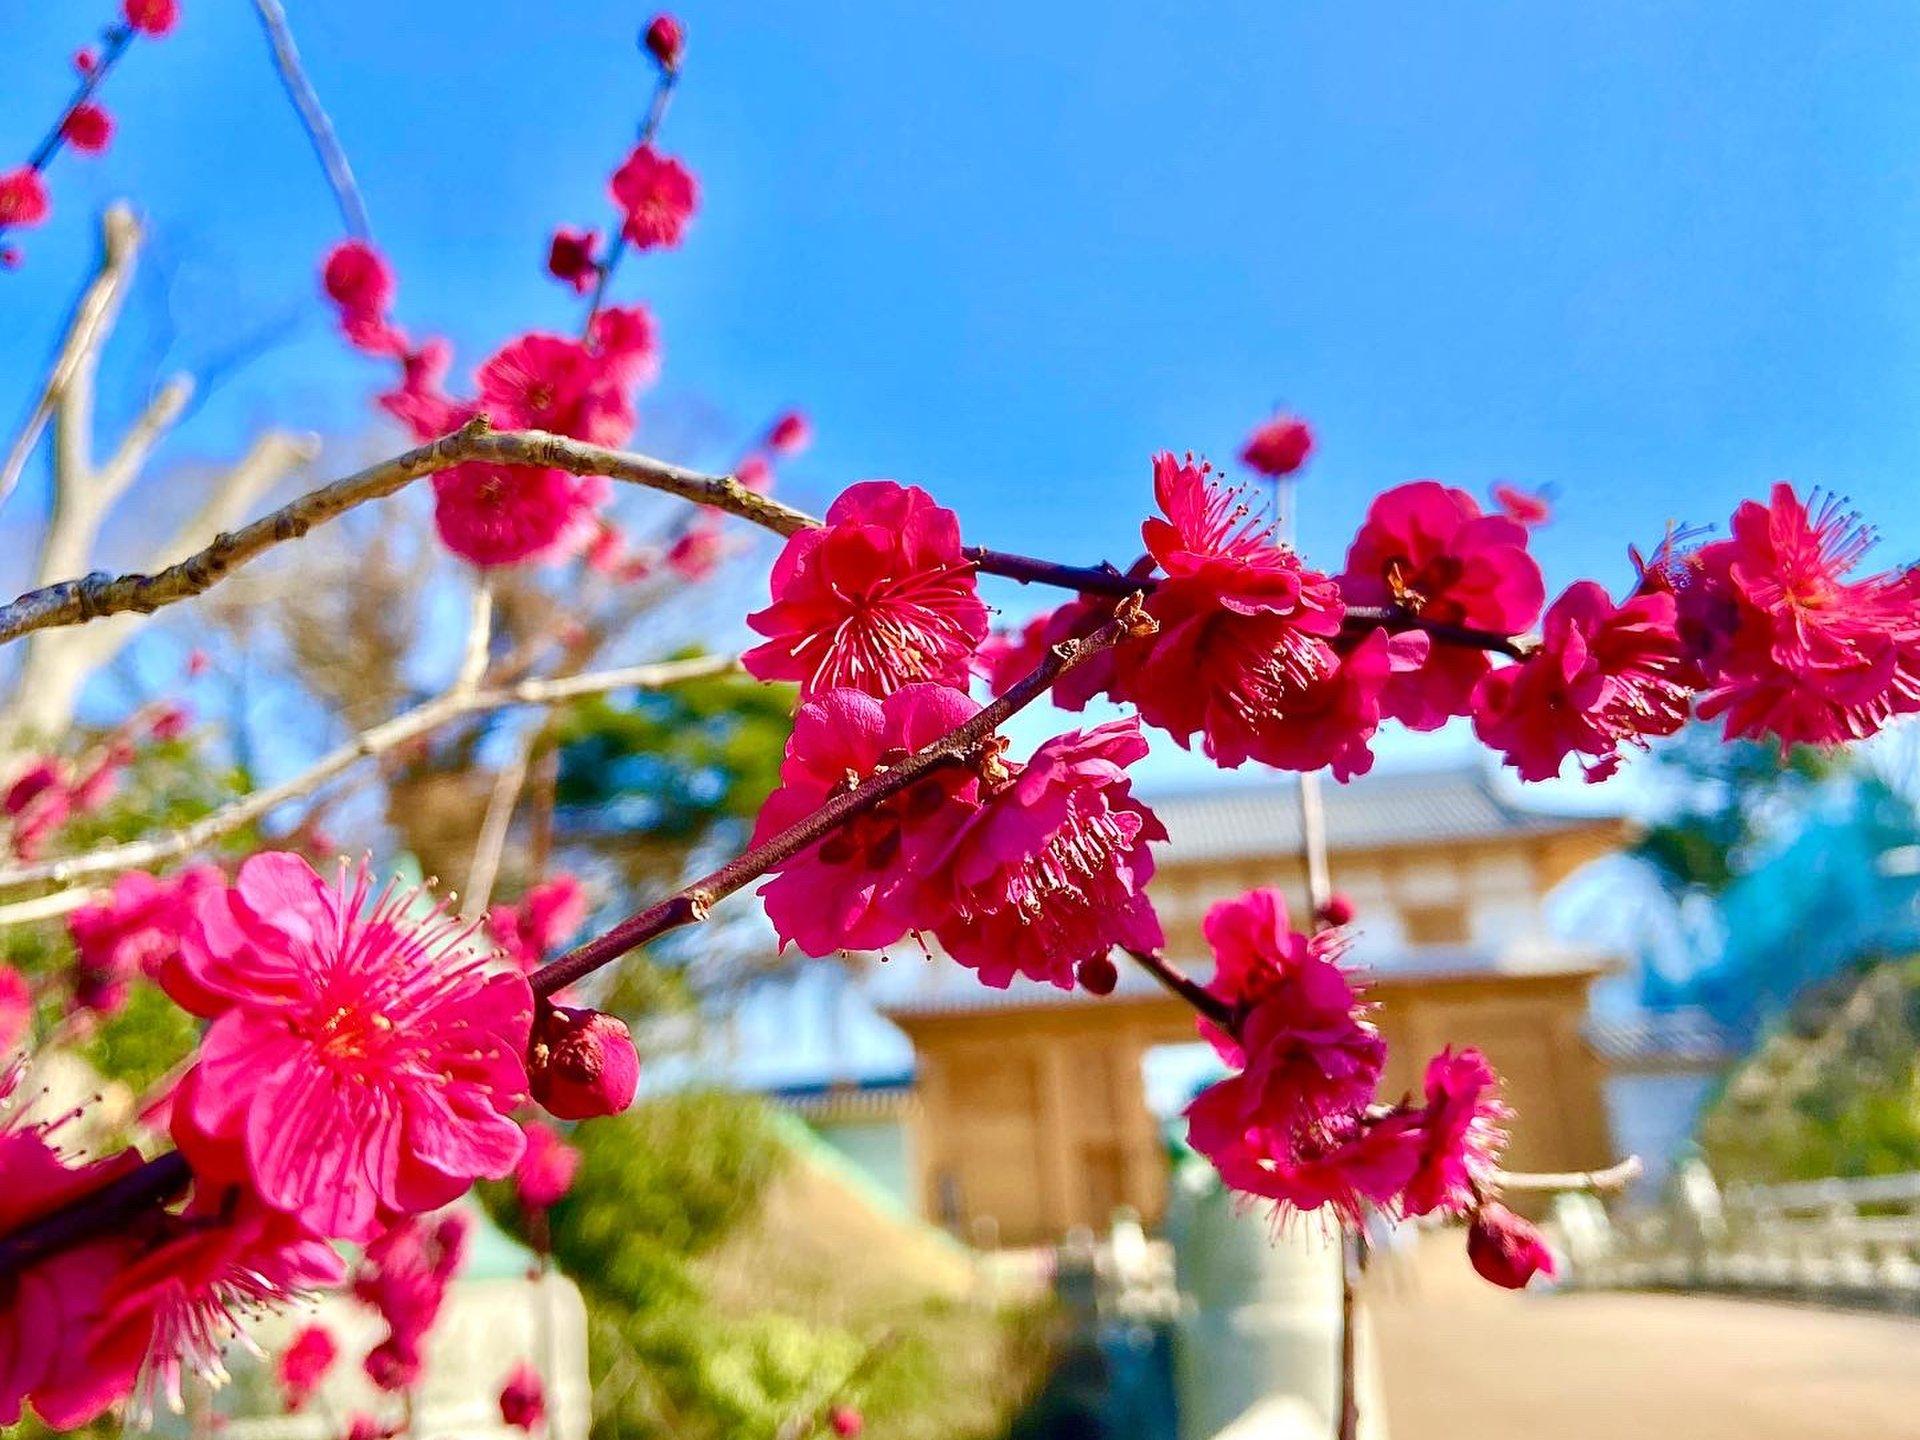 今すぐ行こう日帰りで♪茨城県の水戸の梅が満開過ぎて行くしか♡おすすめカフェもご紹介